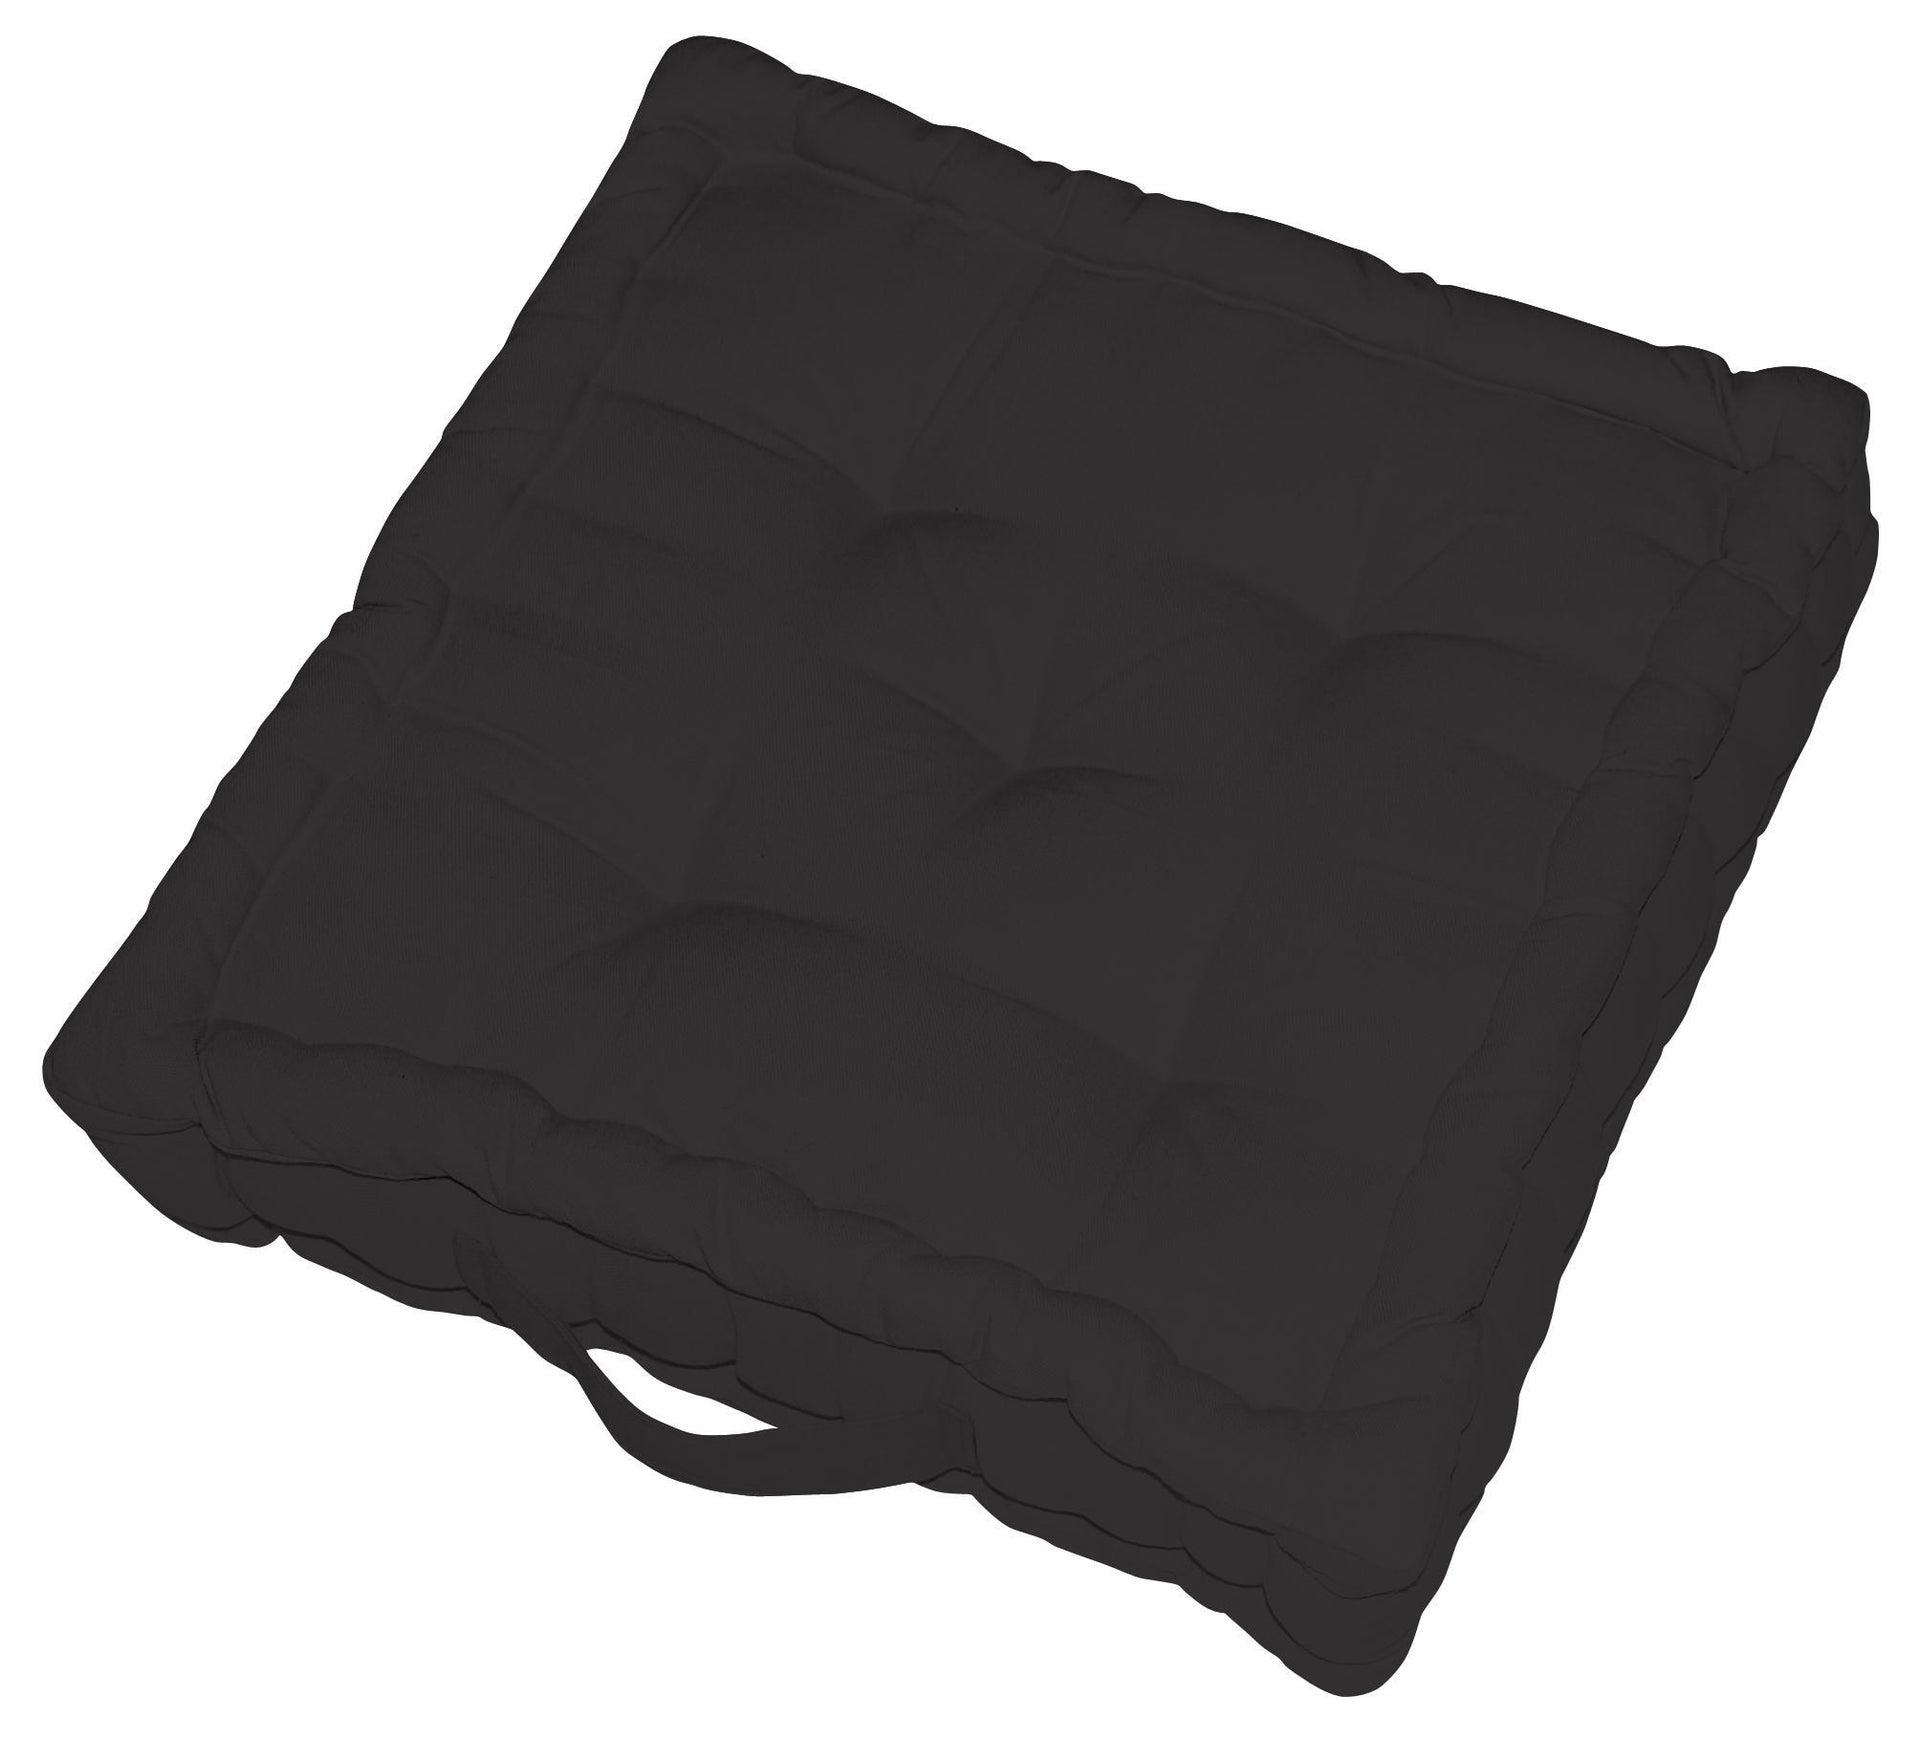 Cuscino da pavimento INSPIRE Elema nero 40x40 cm